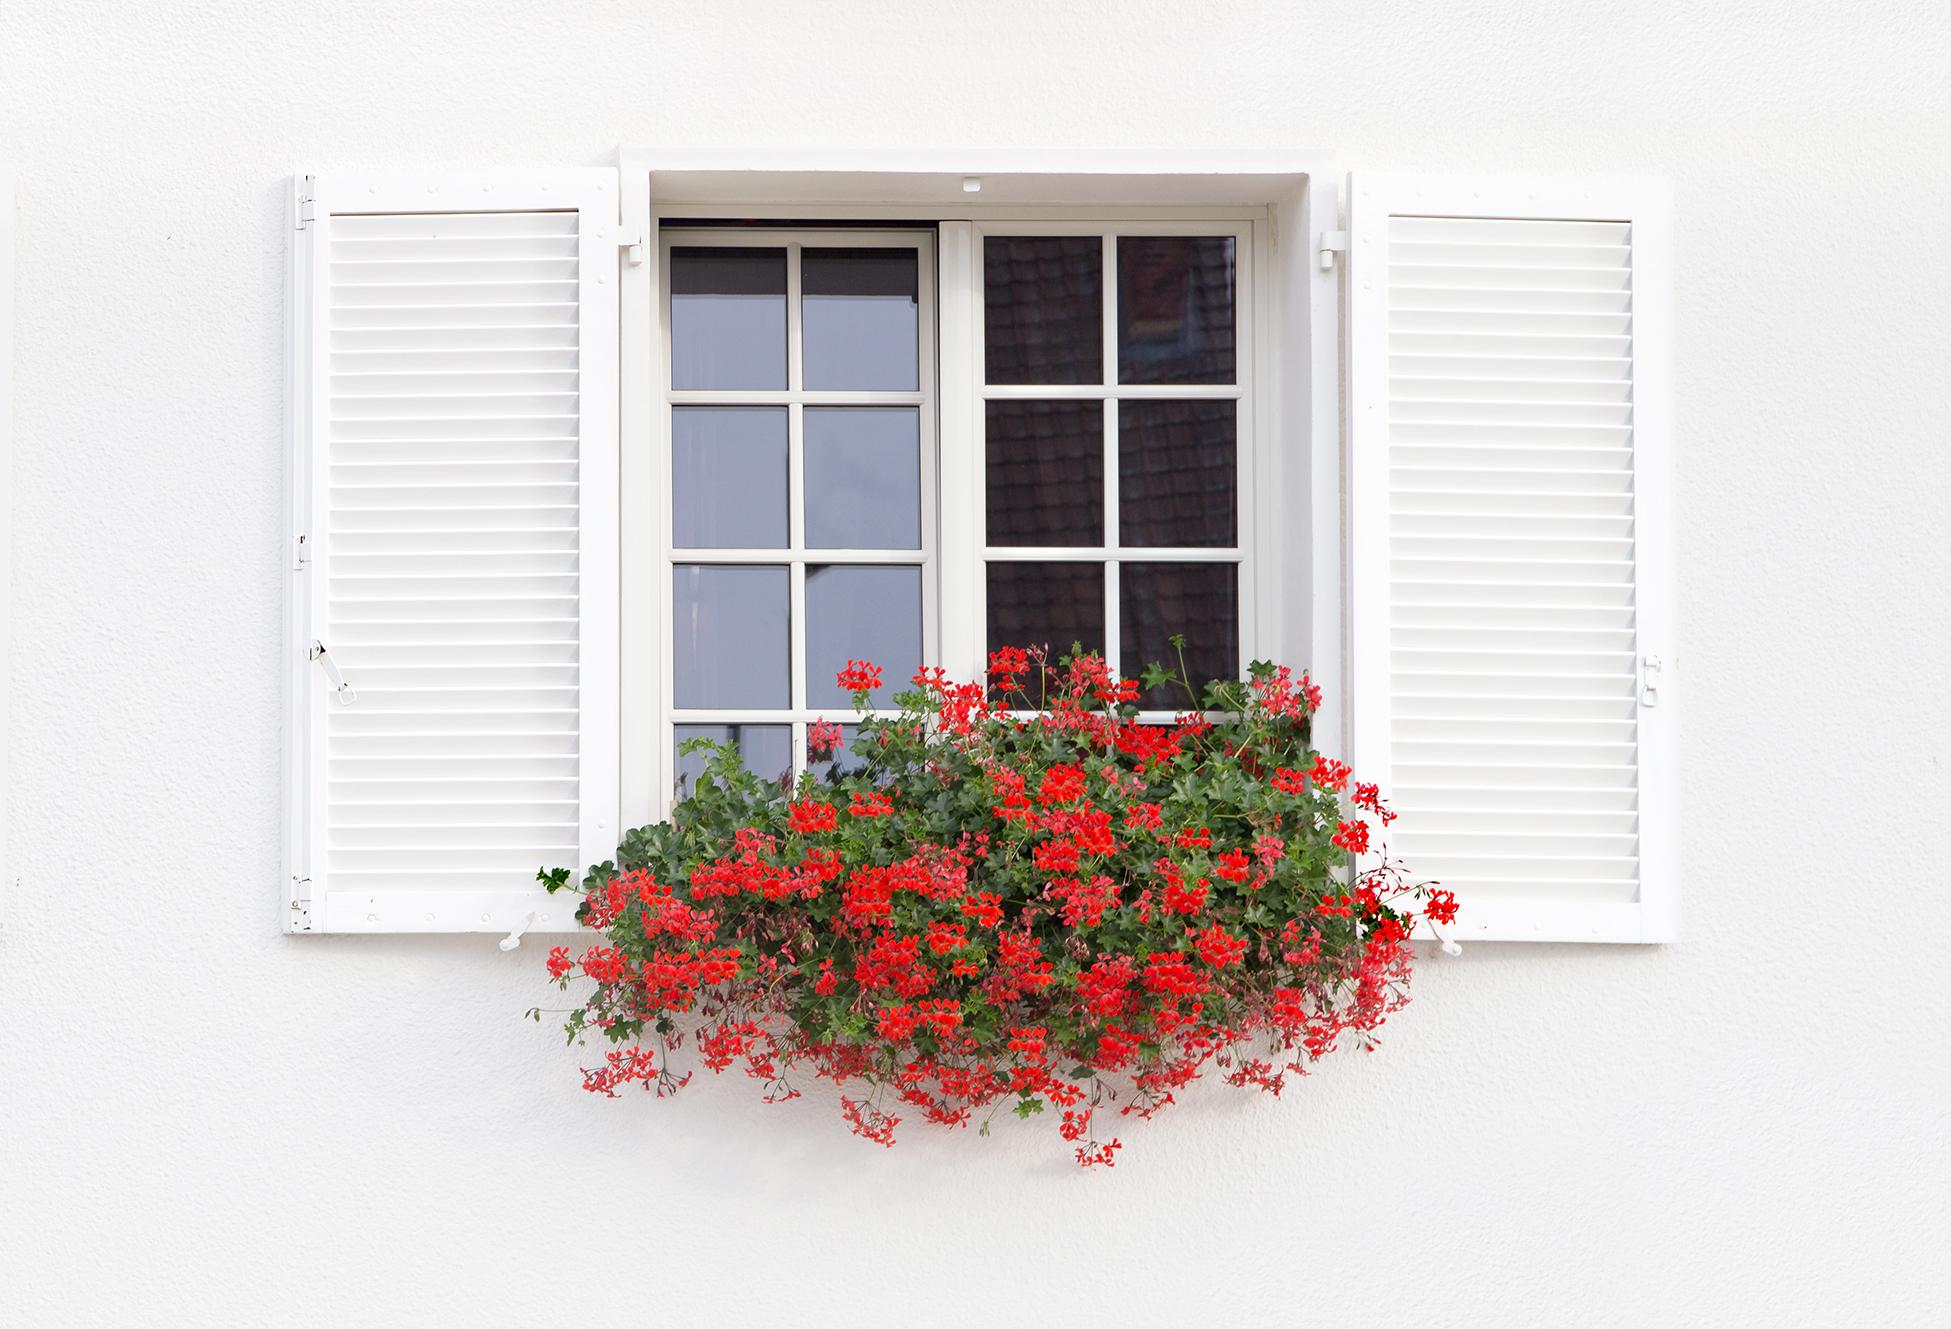 Holzfenster mit Blumen